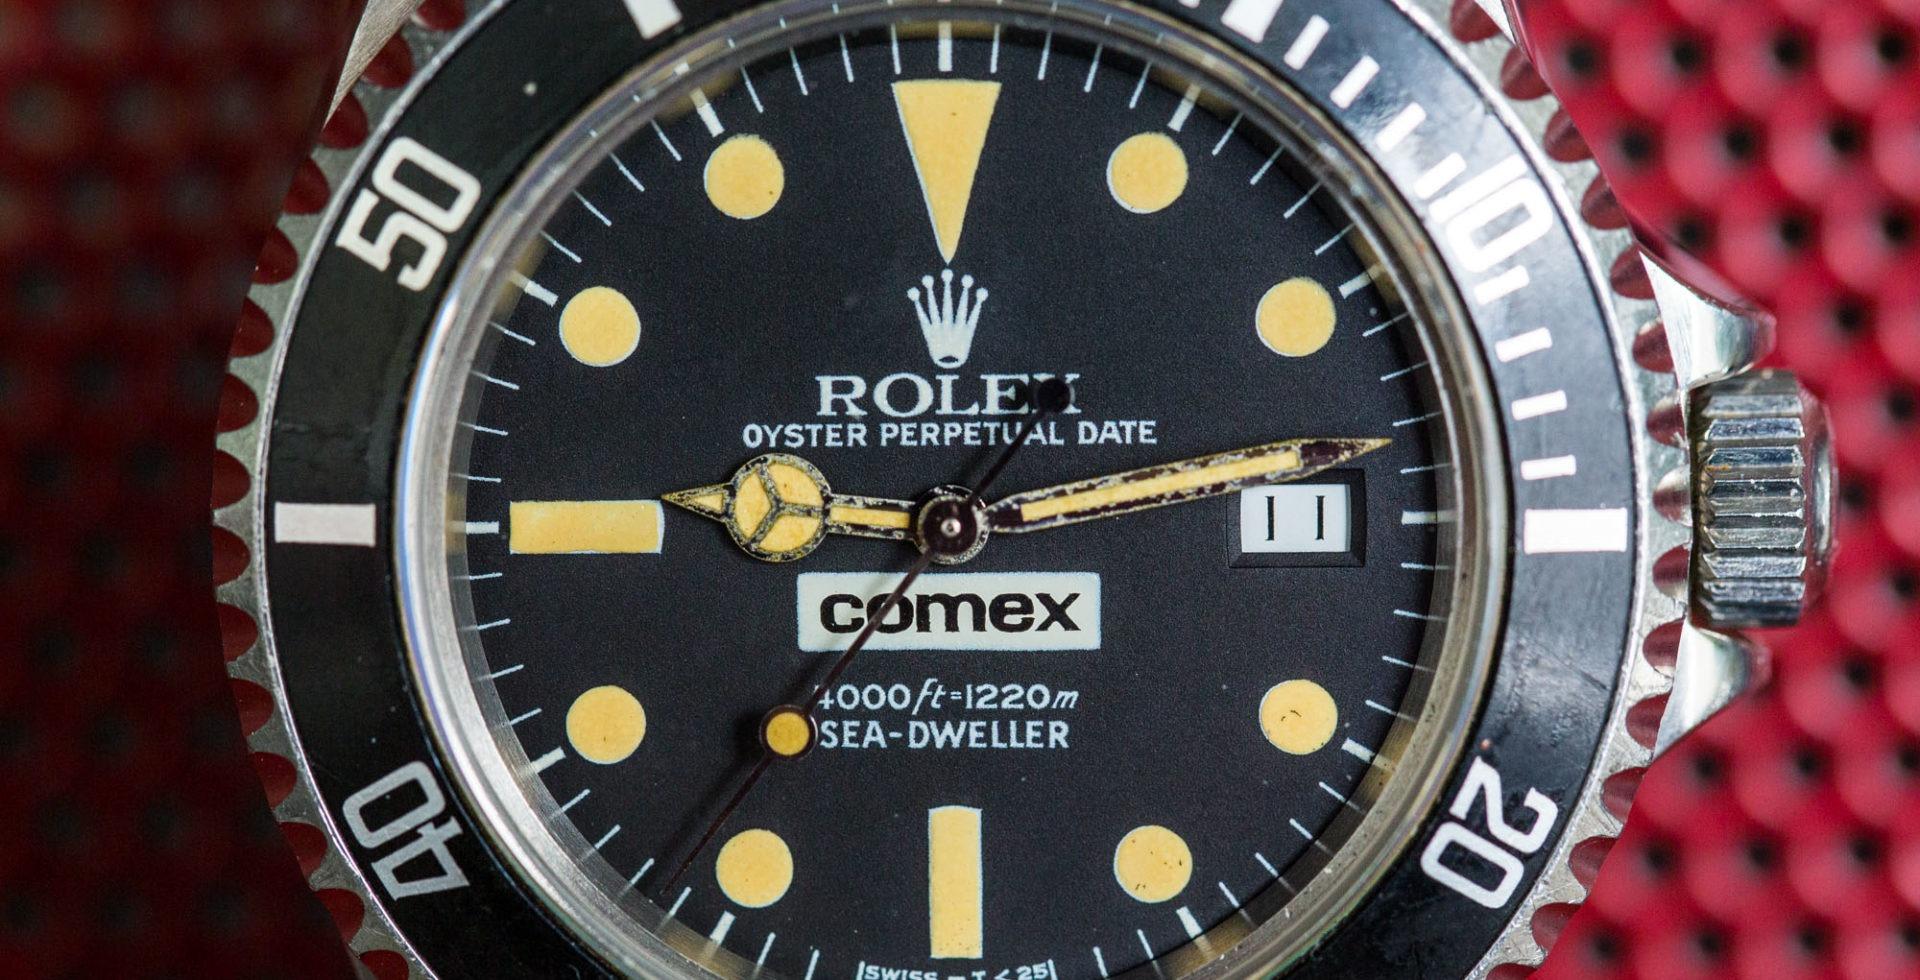 ROLEX SEA-DWELLER 16660 COMEX